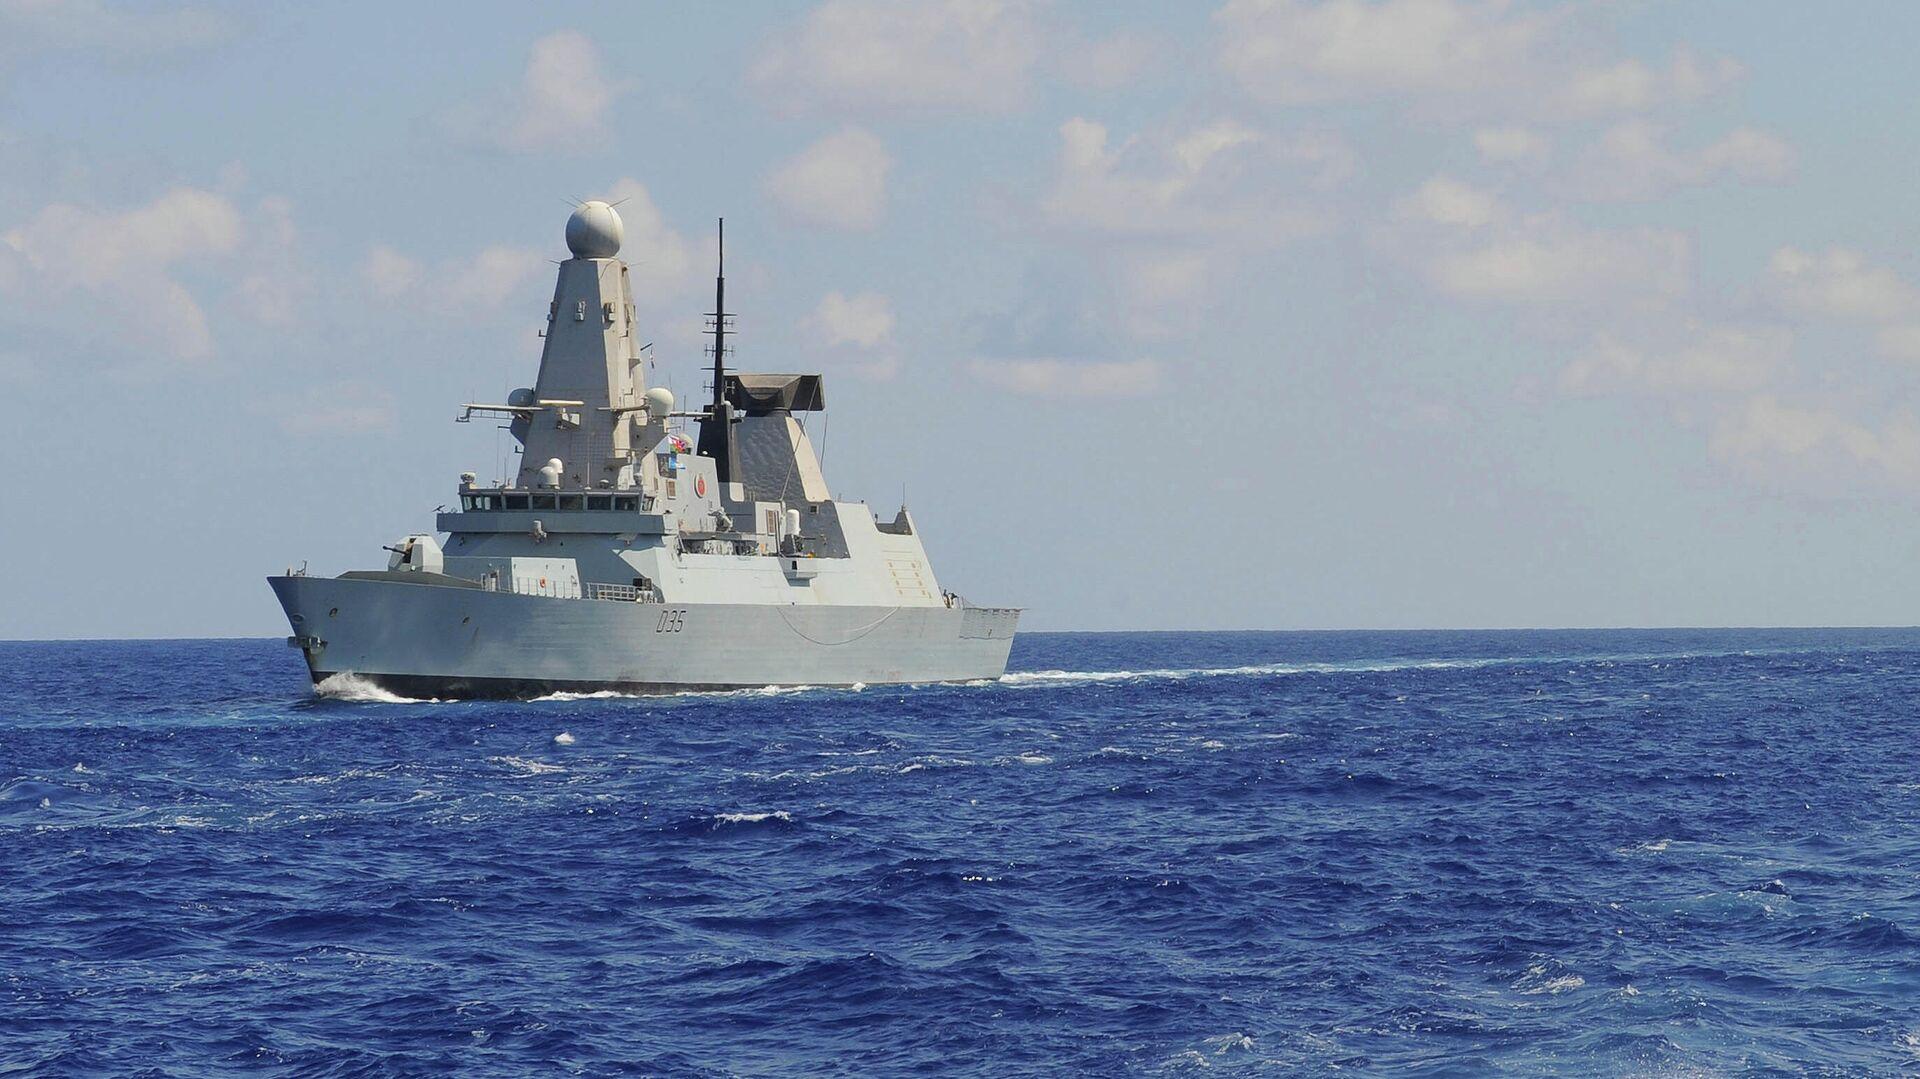 Эскадренный миноносец противовоздушной обороны HMS Dragon Королевского военно-морского флота Великобритании - РИА Новости, 1920, 27.05.2021